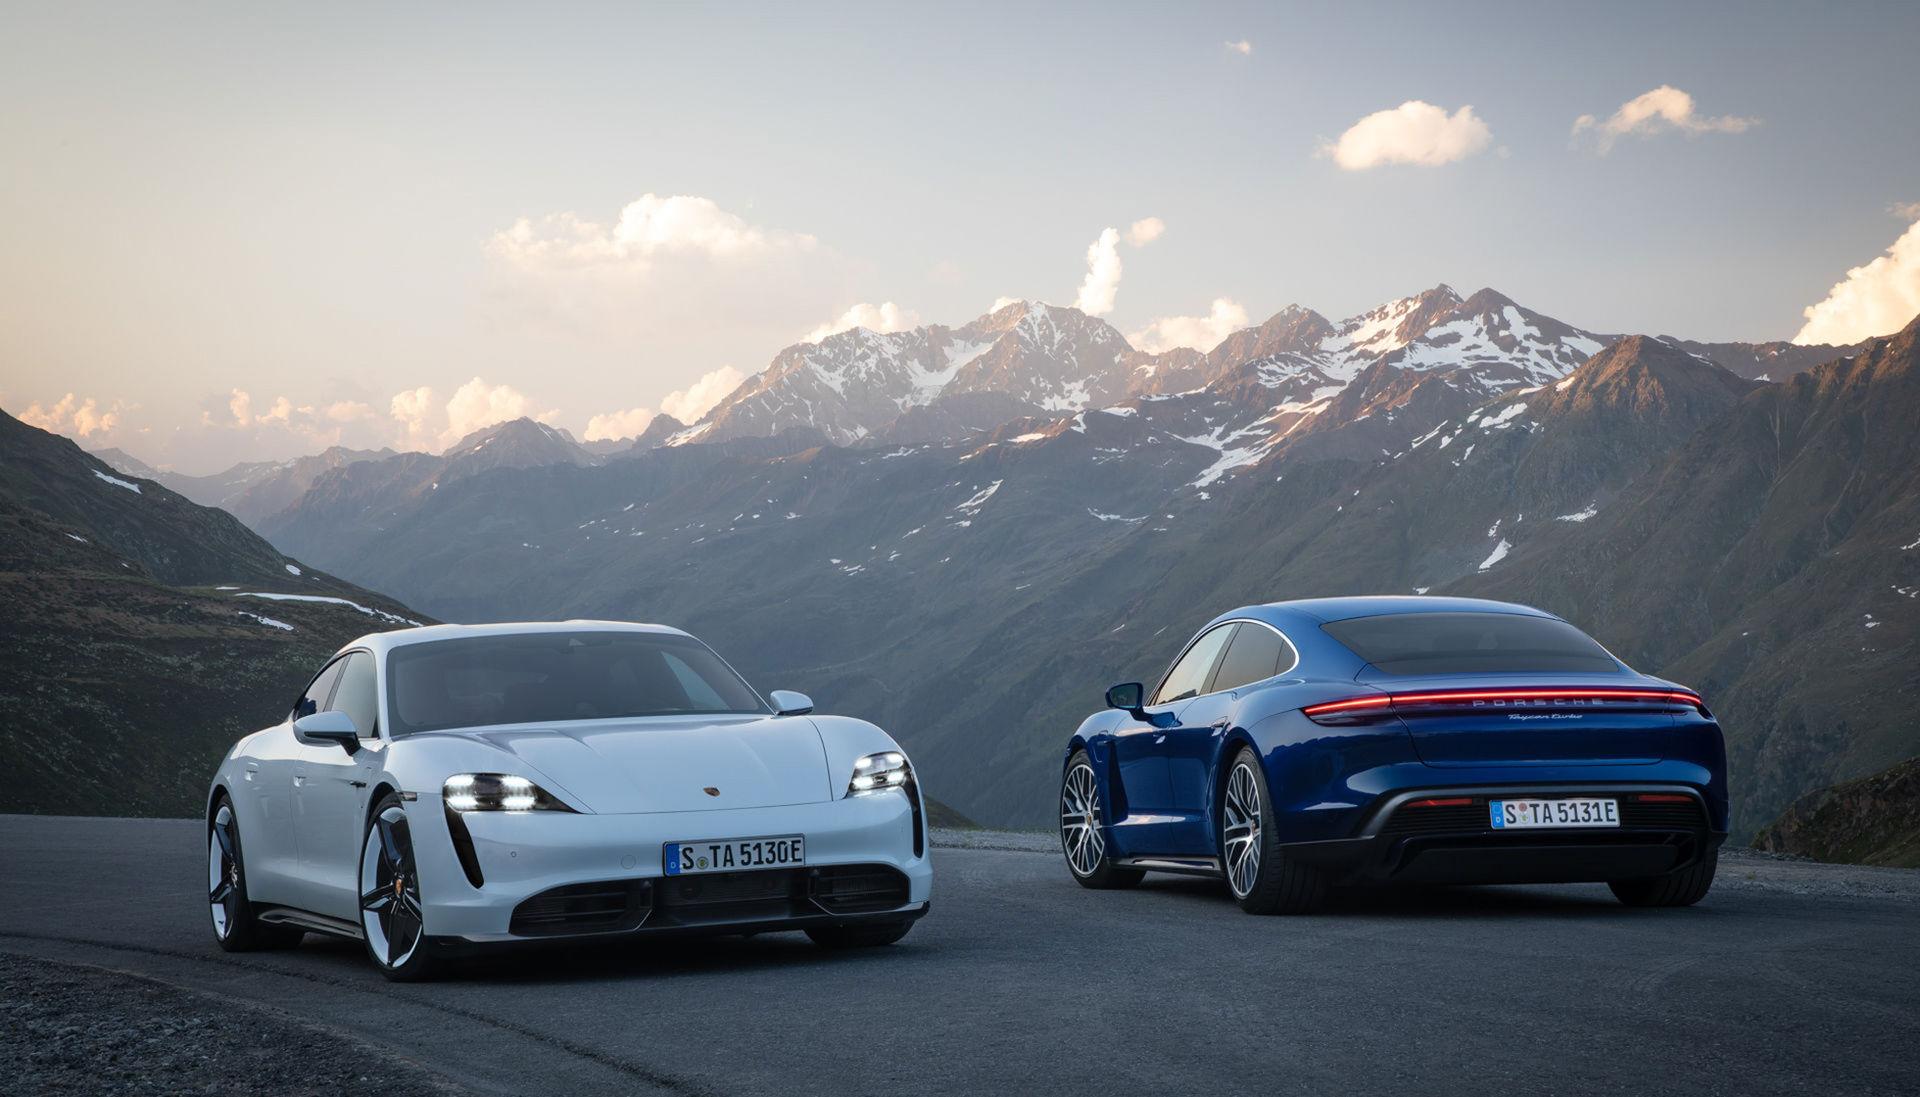 Nu är den här - Porsches eldrivna modell Taycan